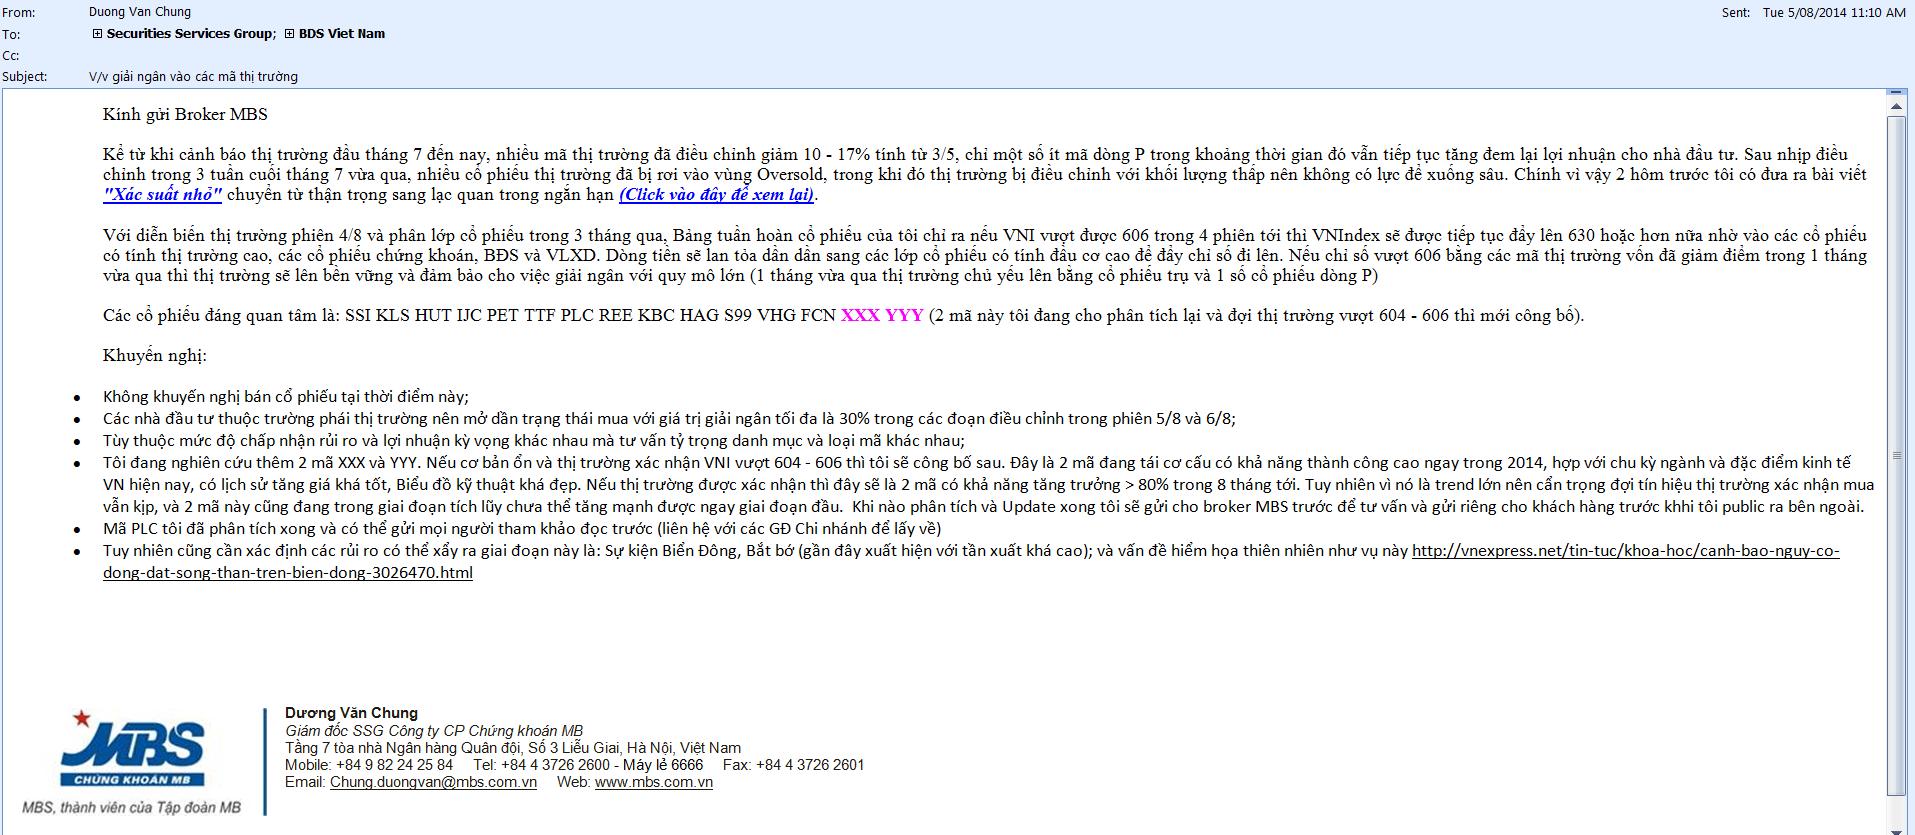 Tư vấn nội bộ MBS sáng 5.8.2014